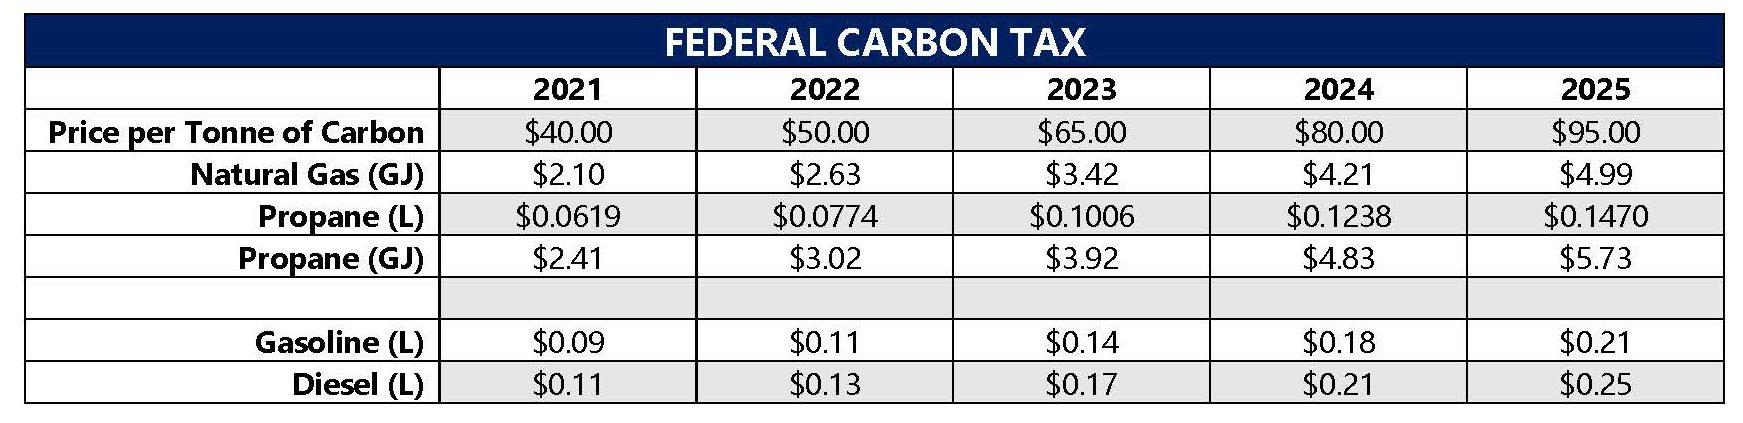 Fedral Carbon Tax 2021-2025